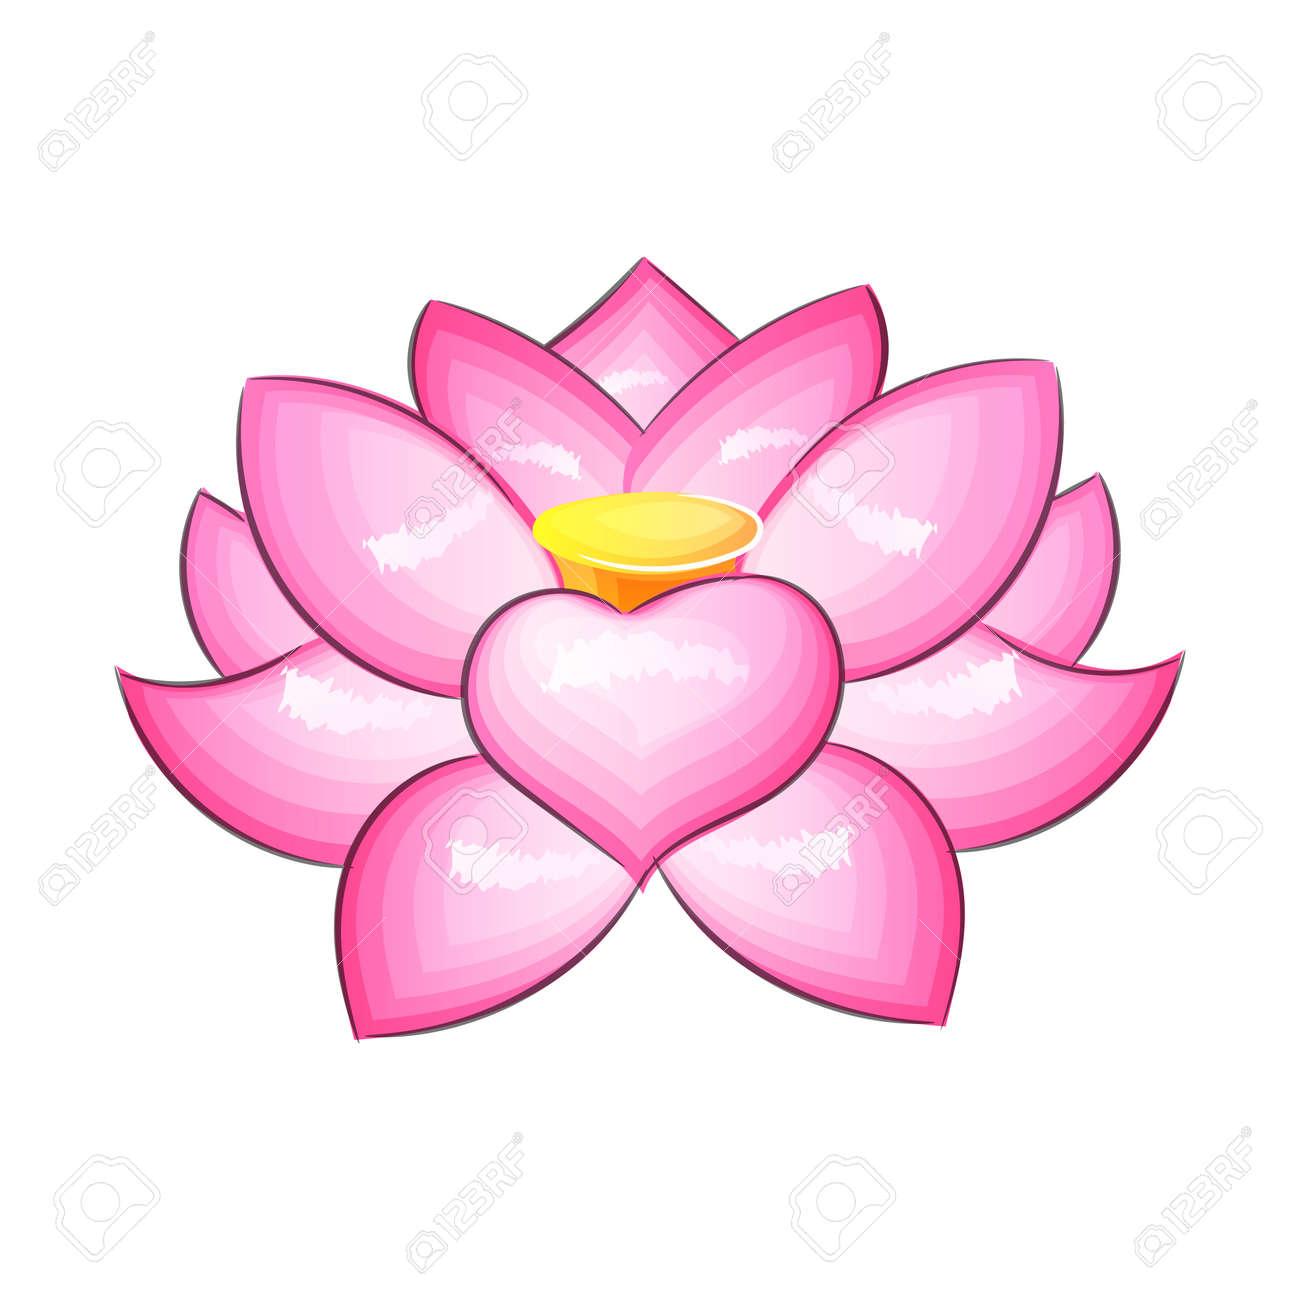 Lotus flower logo abstract beauty spa salon cosmetics brand linear lotus flower logo abstract beauty spa salon cosmetics brand linear stylector illustration stock izmirmasajfo